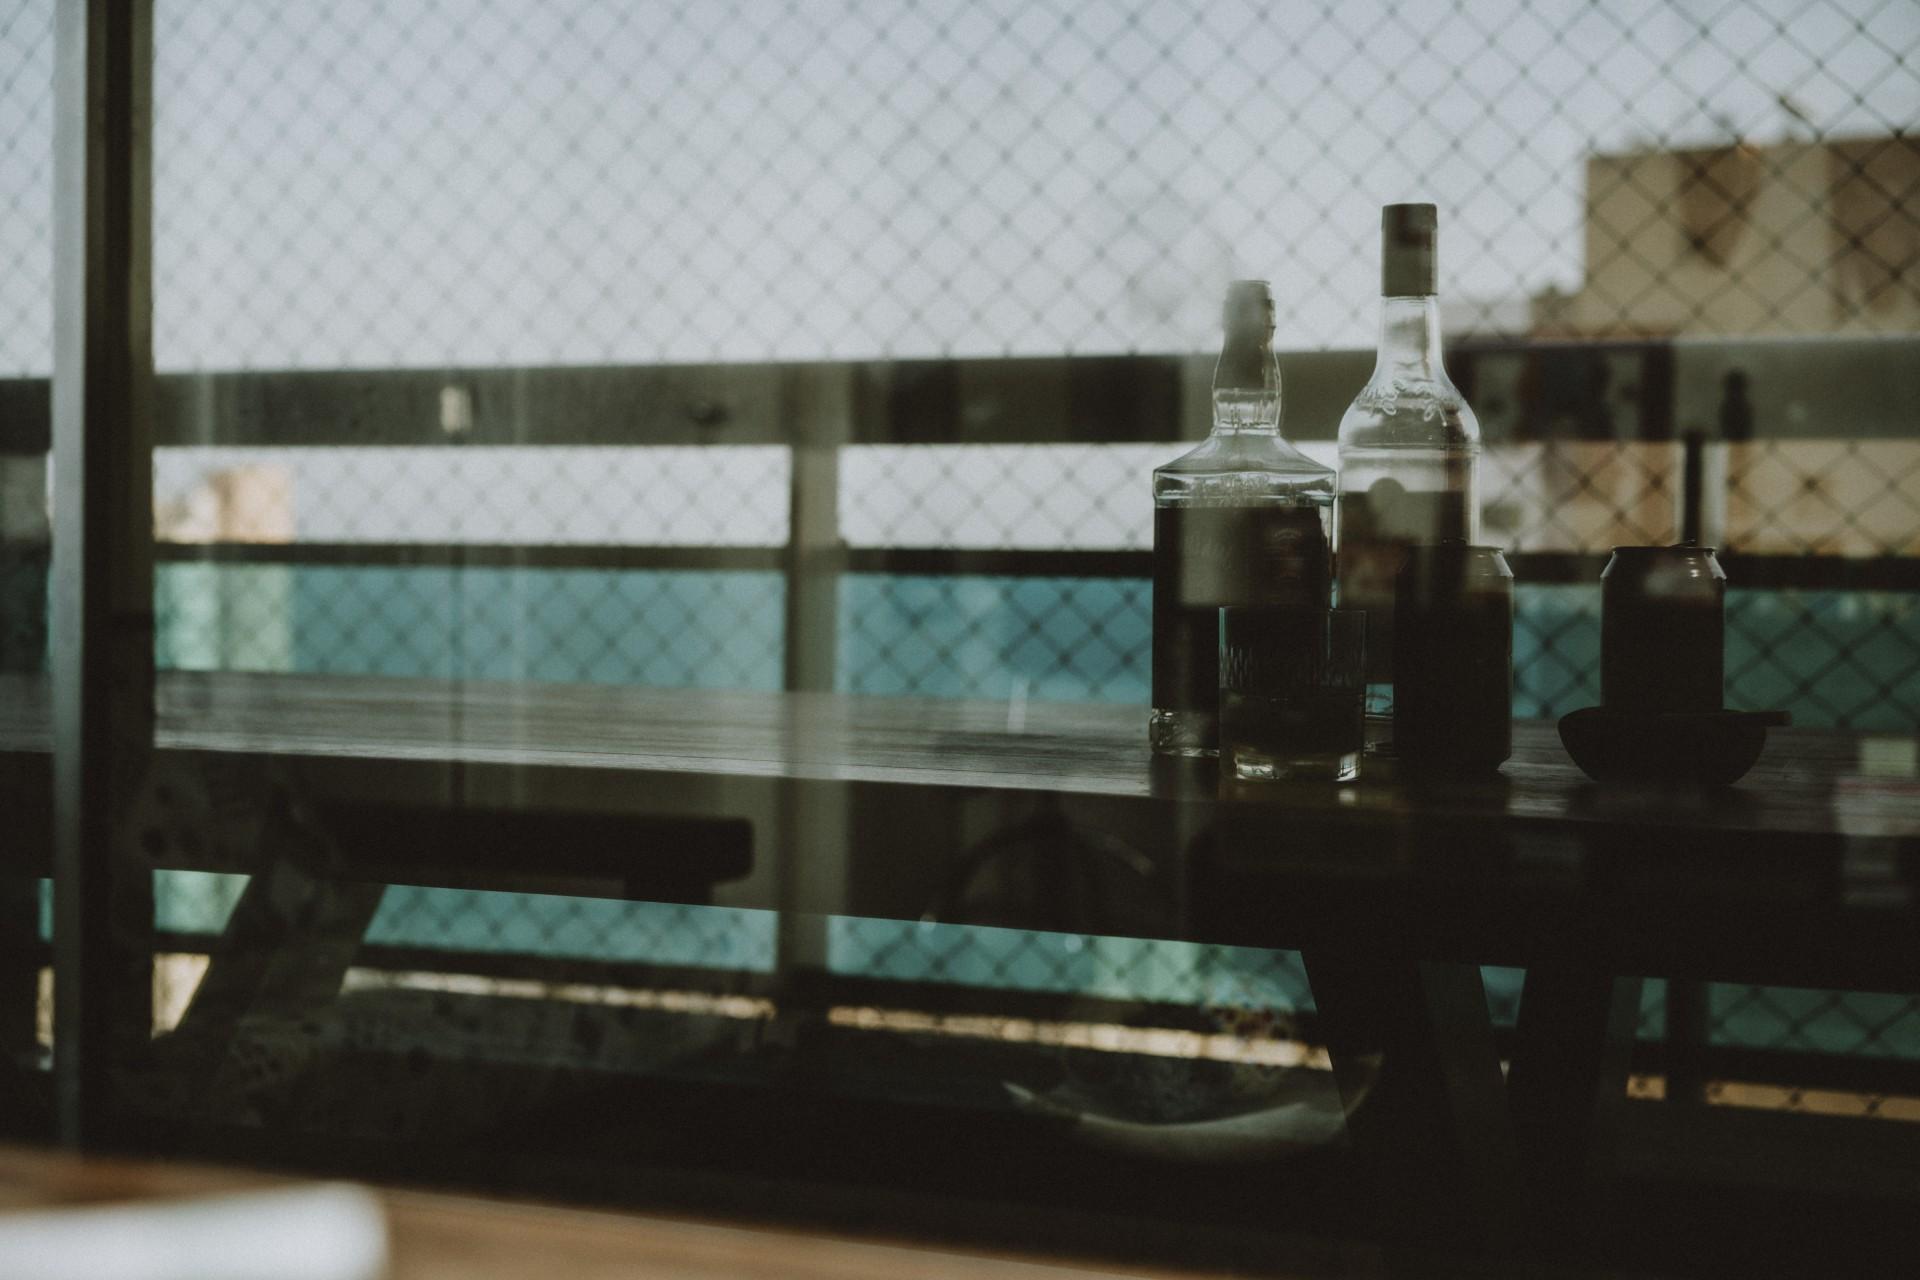 FORTALEZA - CE, BRASIL, 22-09-2020: Reflexo de garrafas de bebida e cinzeiro com cigarro sobre a mesa. Aumento do uso de drogas ilícitas e lícitas durante a pandemia. Ciência e Saúde.  (Foto: Júlio Caesar / O Povo)